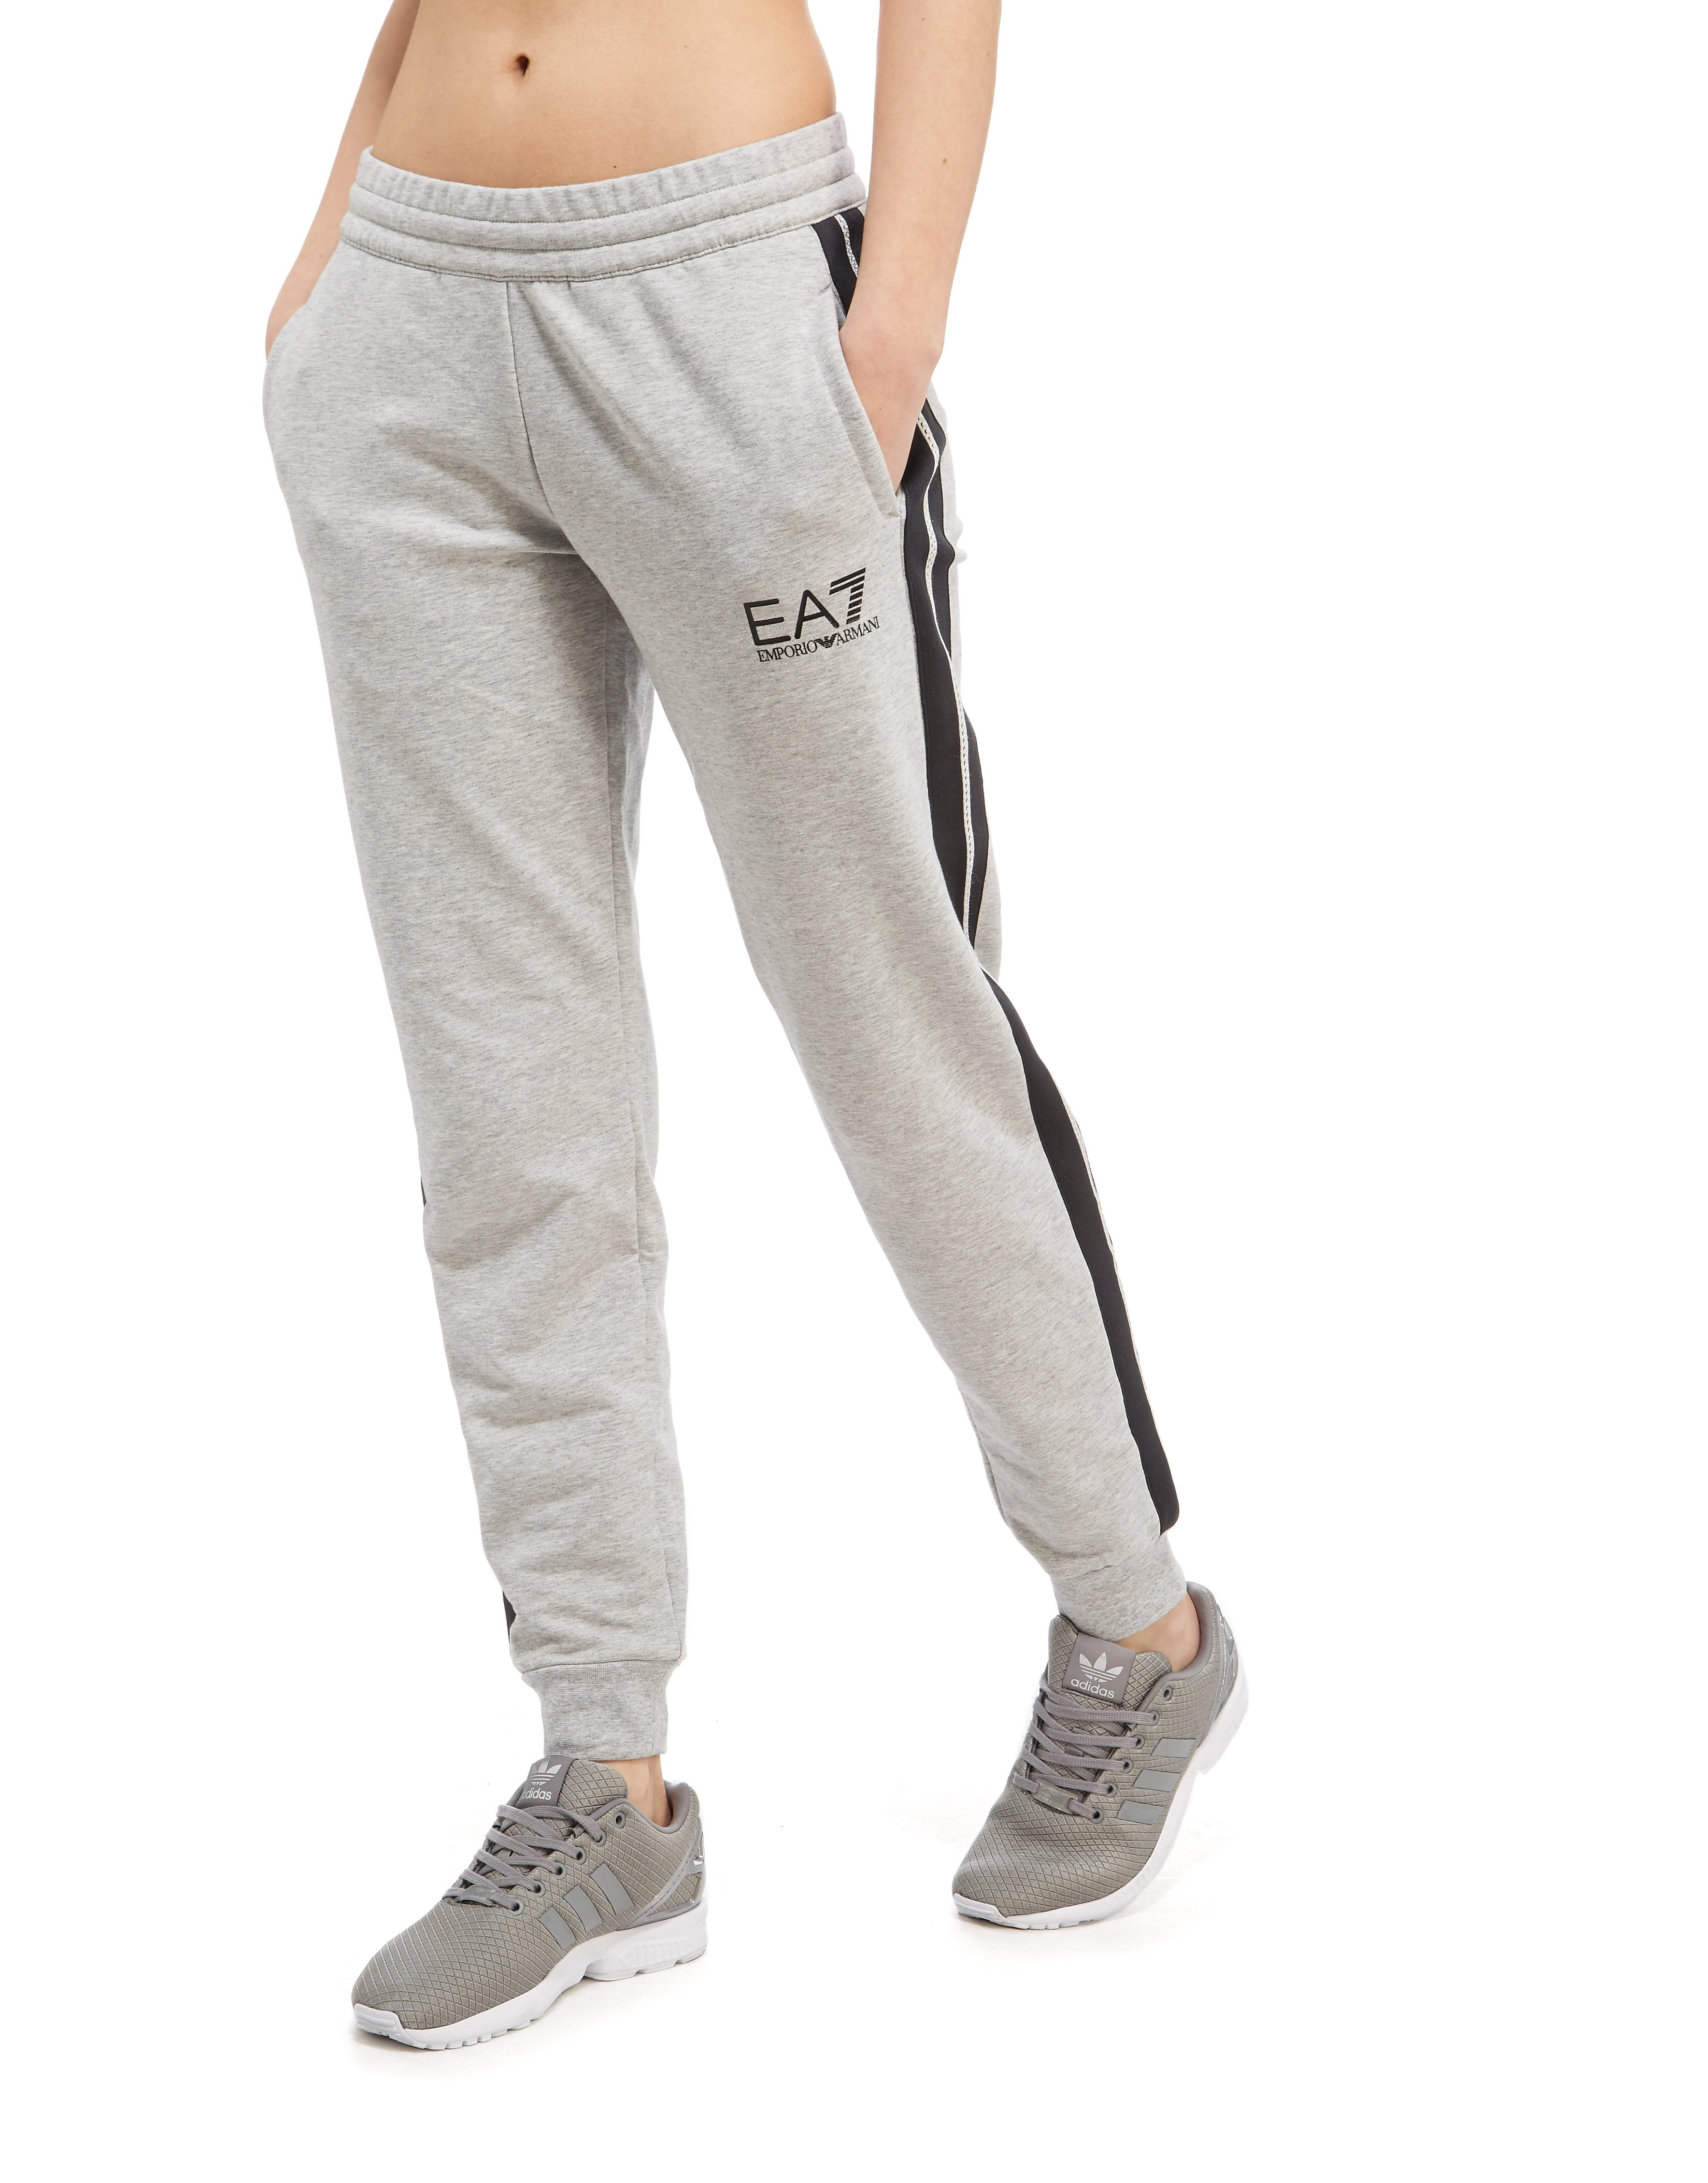 Emporio Armani EA7 Pantalones Tape Fleece